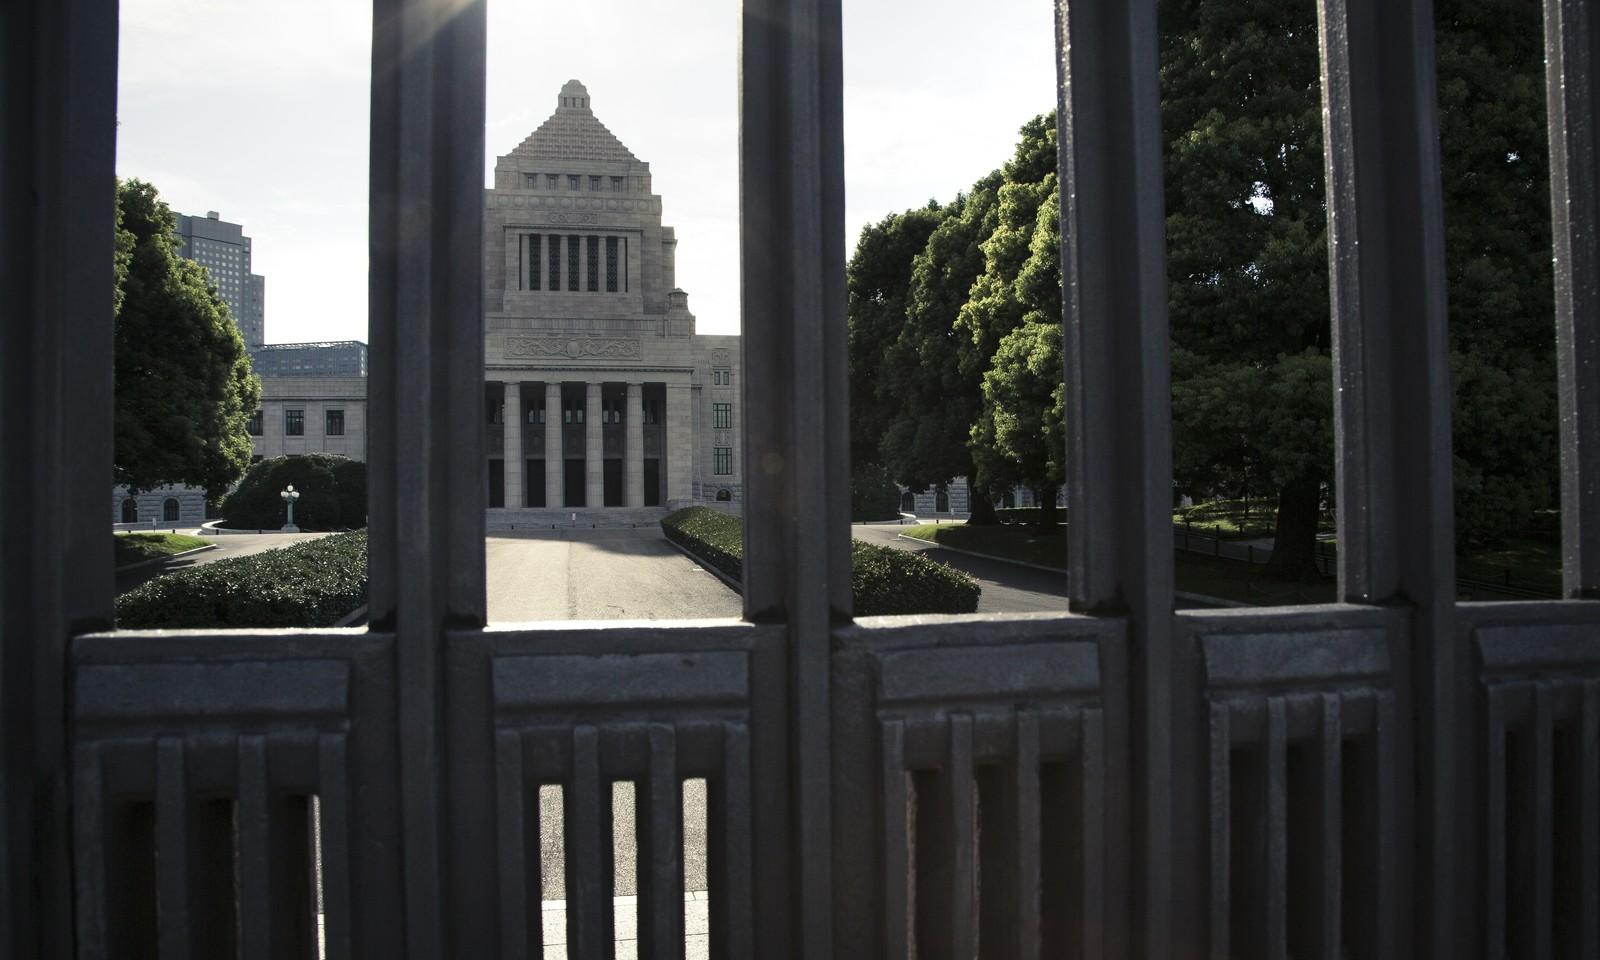 安倍政権が今年も国家公務員給与引き上げの可能性!なんで借金だらけの日本で公務員の給料が上げられるの!?